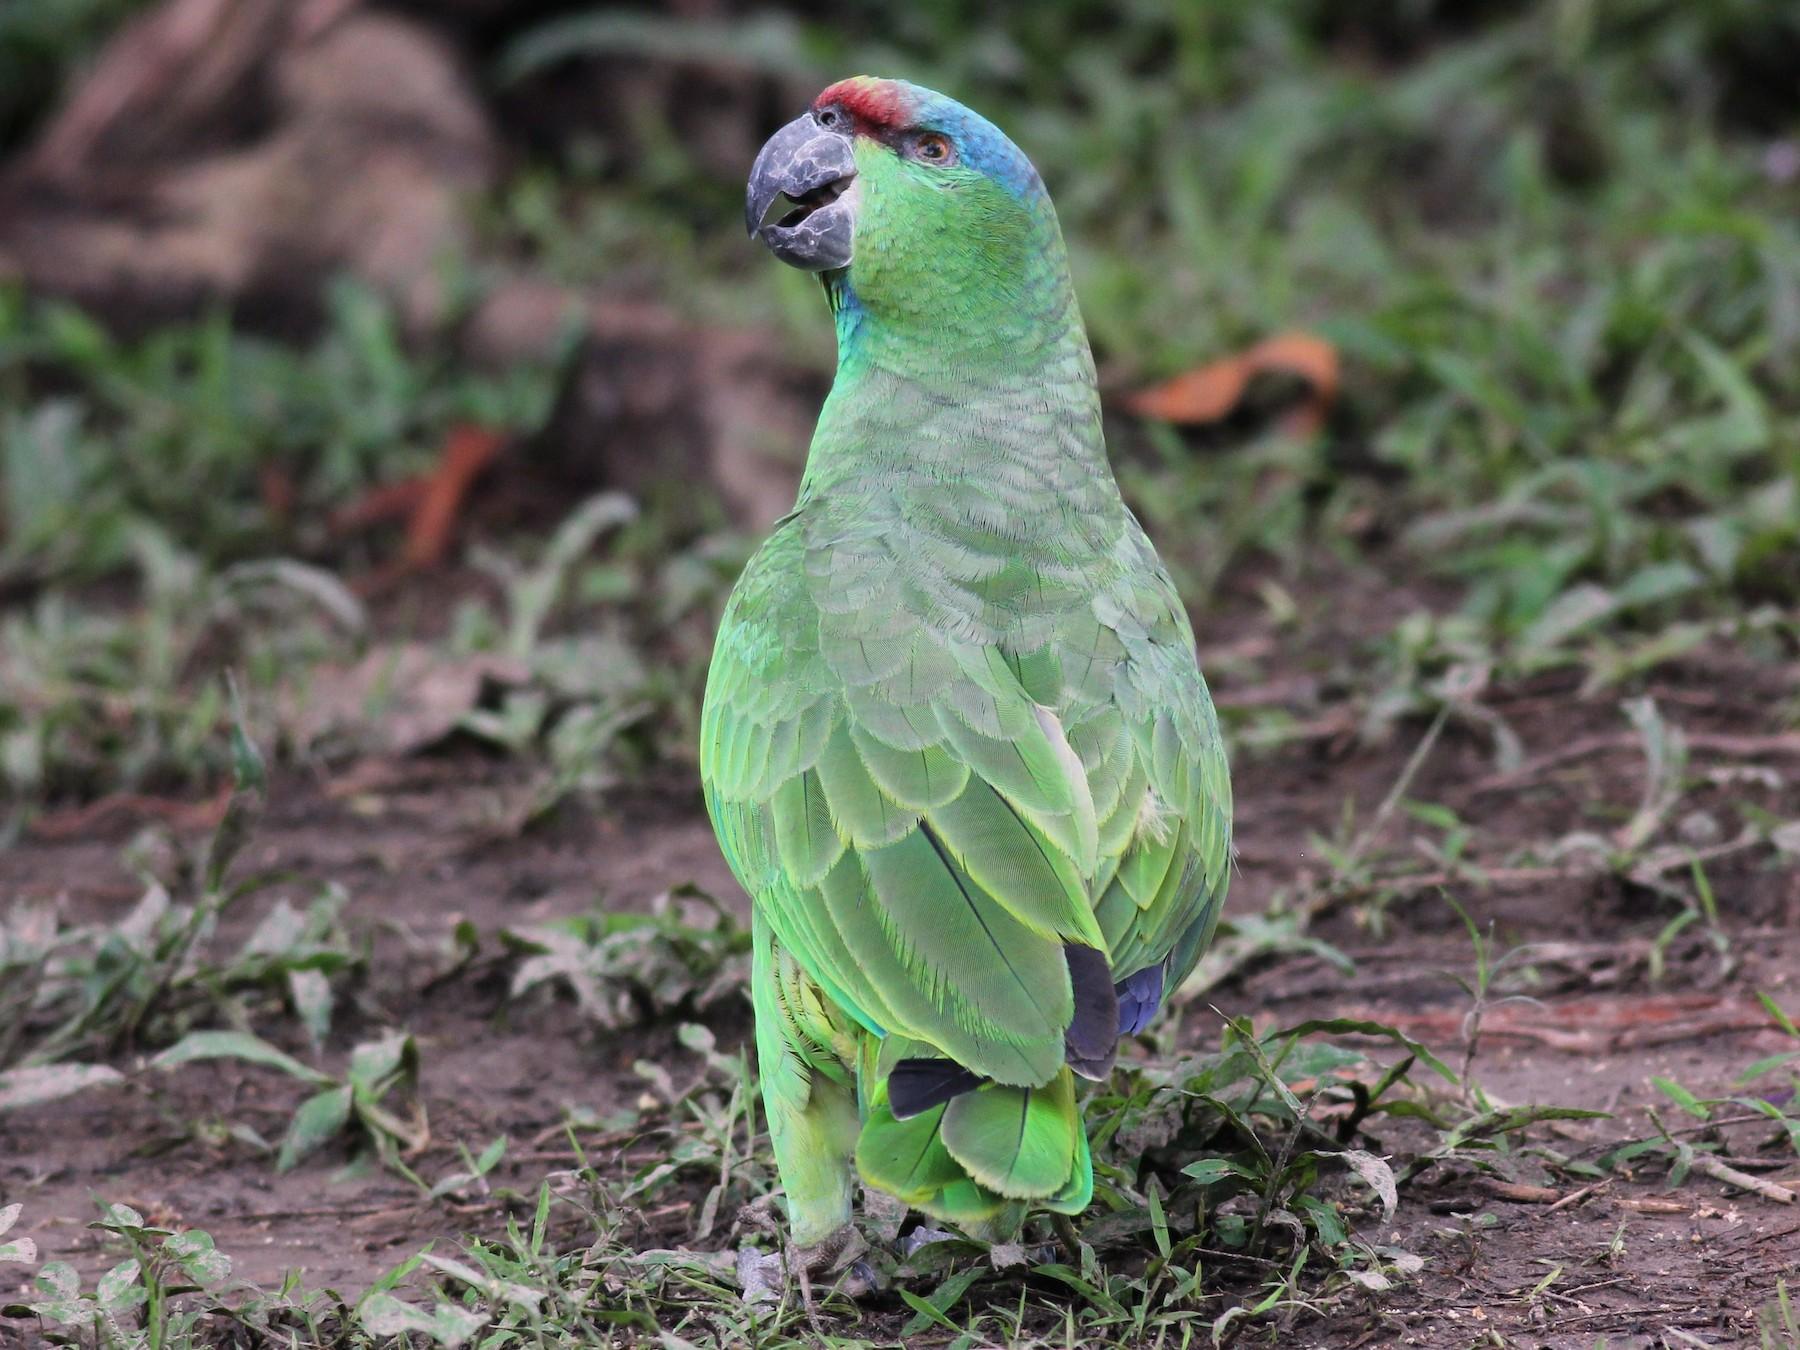 Festive Parrot - Margaret Viens